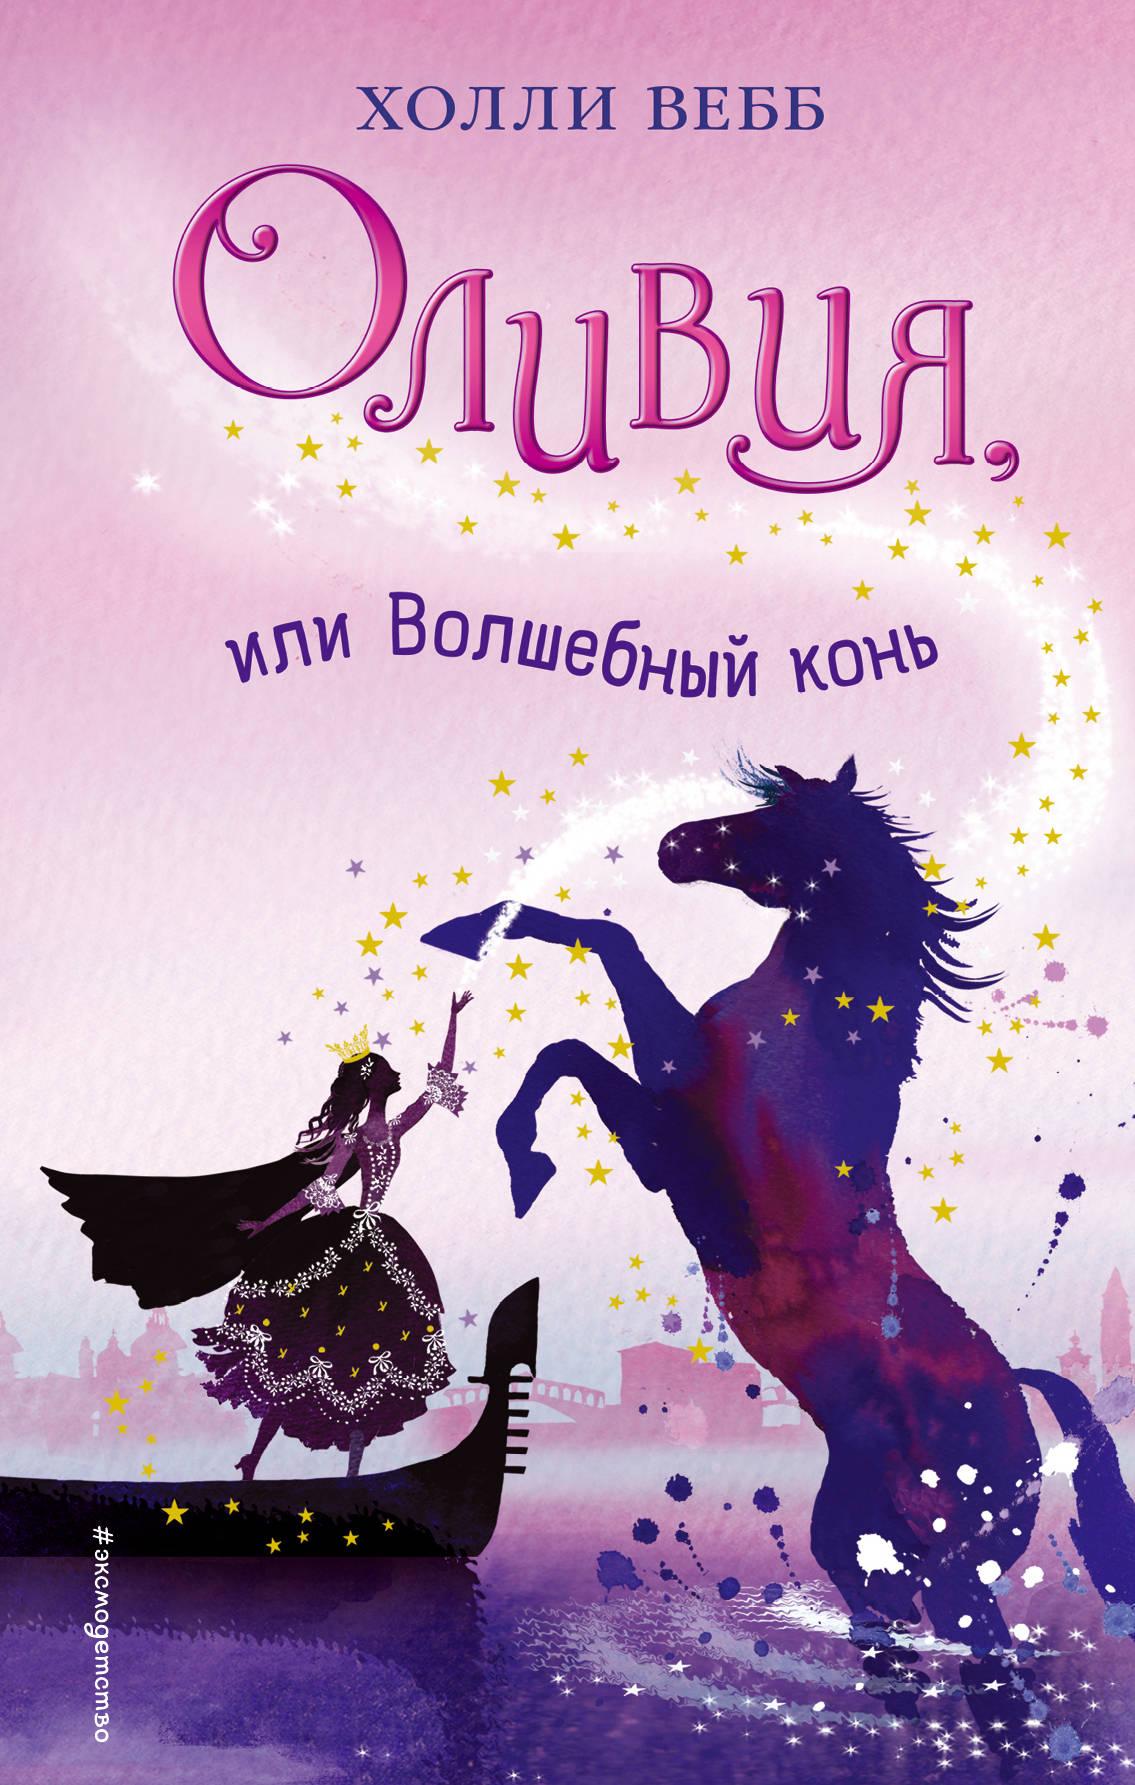 купить Холли Вебб Оливия, или Волшебный конь по цене 212 рублей